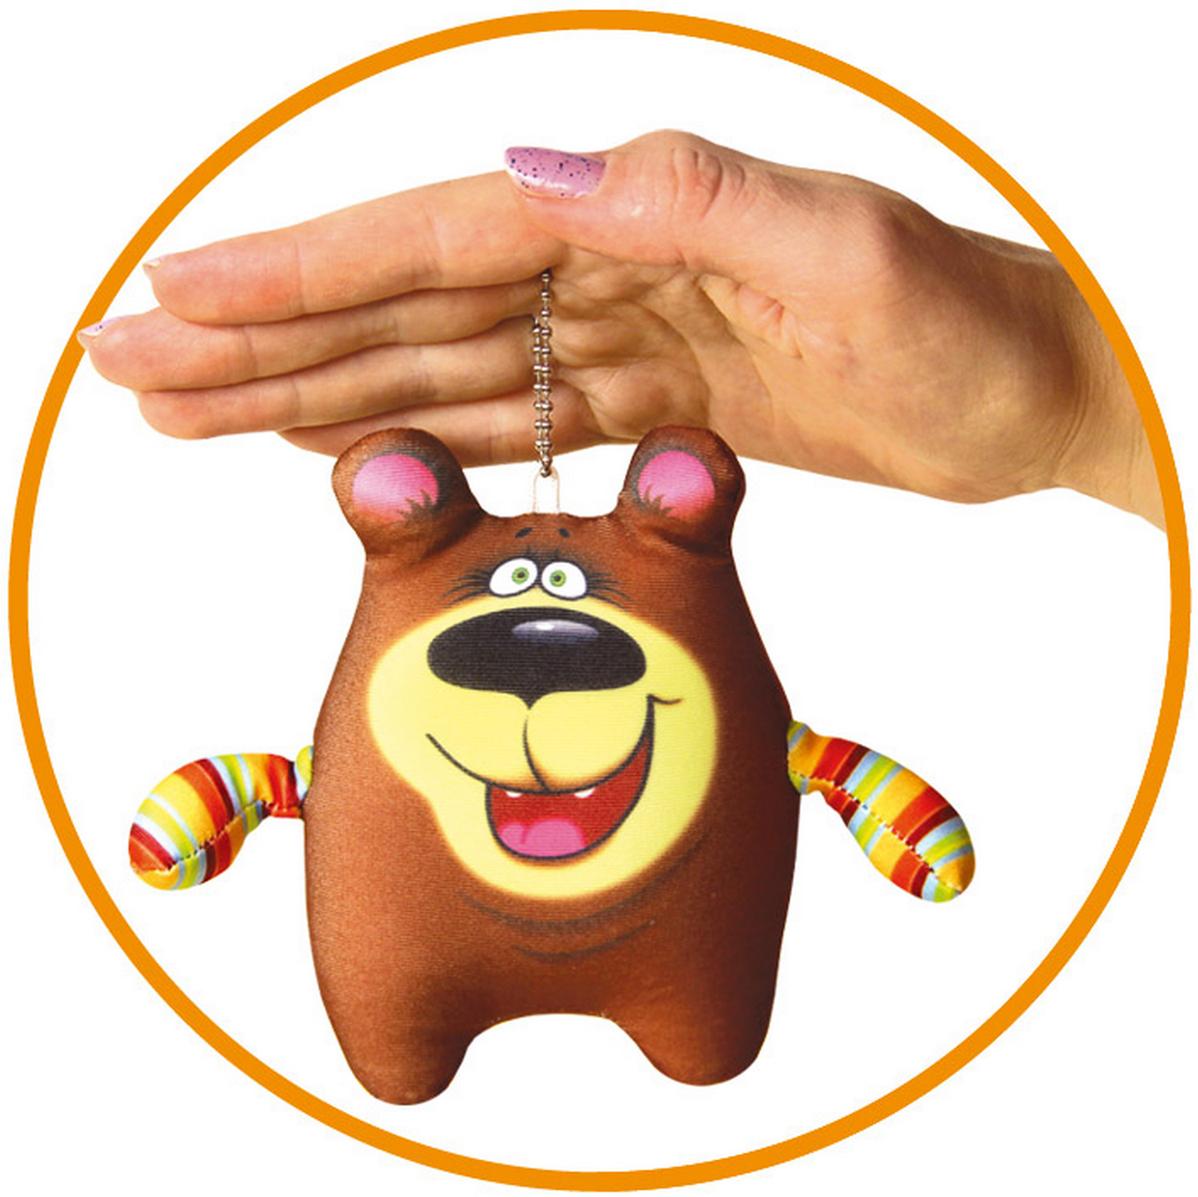 Игрушка антистресс Штучки, к которым тянутся ручки брелок Медведь коричневый игрушка антистресс штучки к которым тянутся ручки лиса открытка в ассортименте 18асо03ив